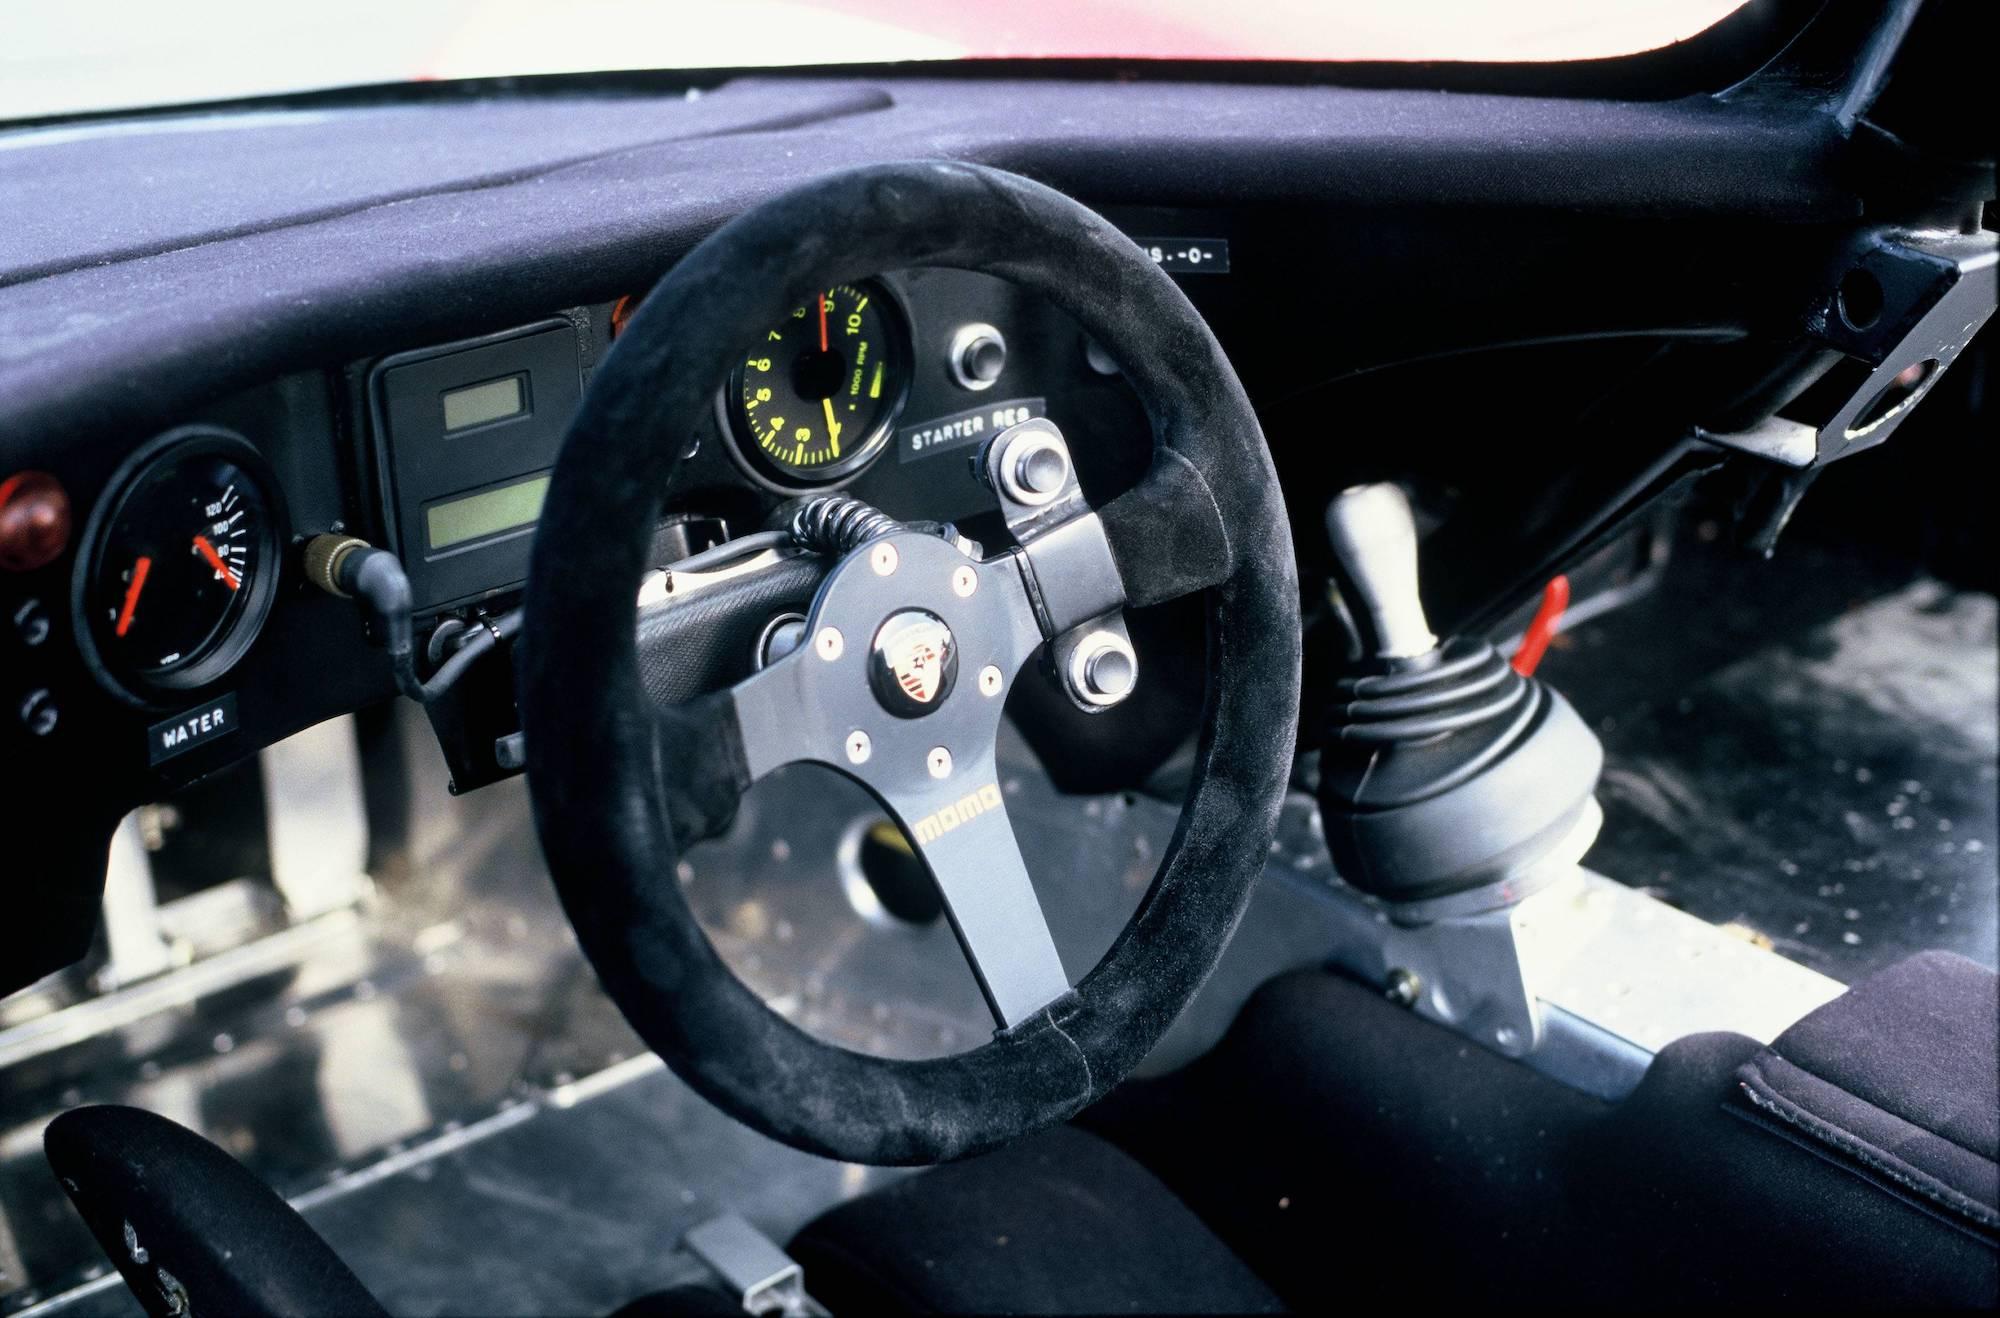 1986 年 Porsche 962 方向盤。